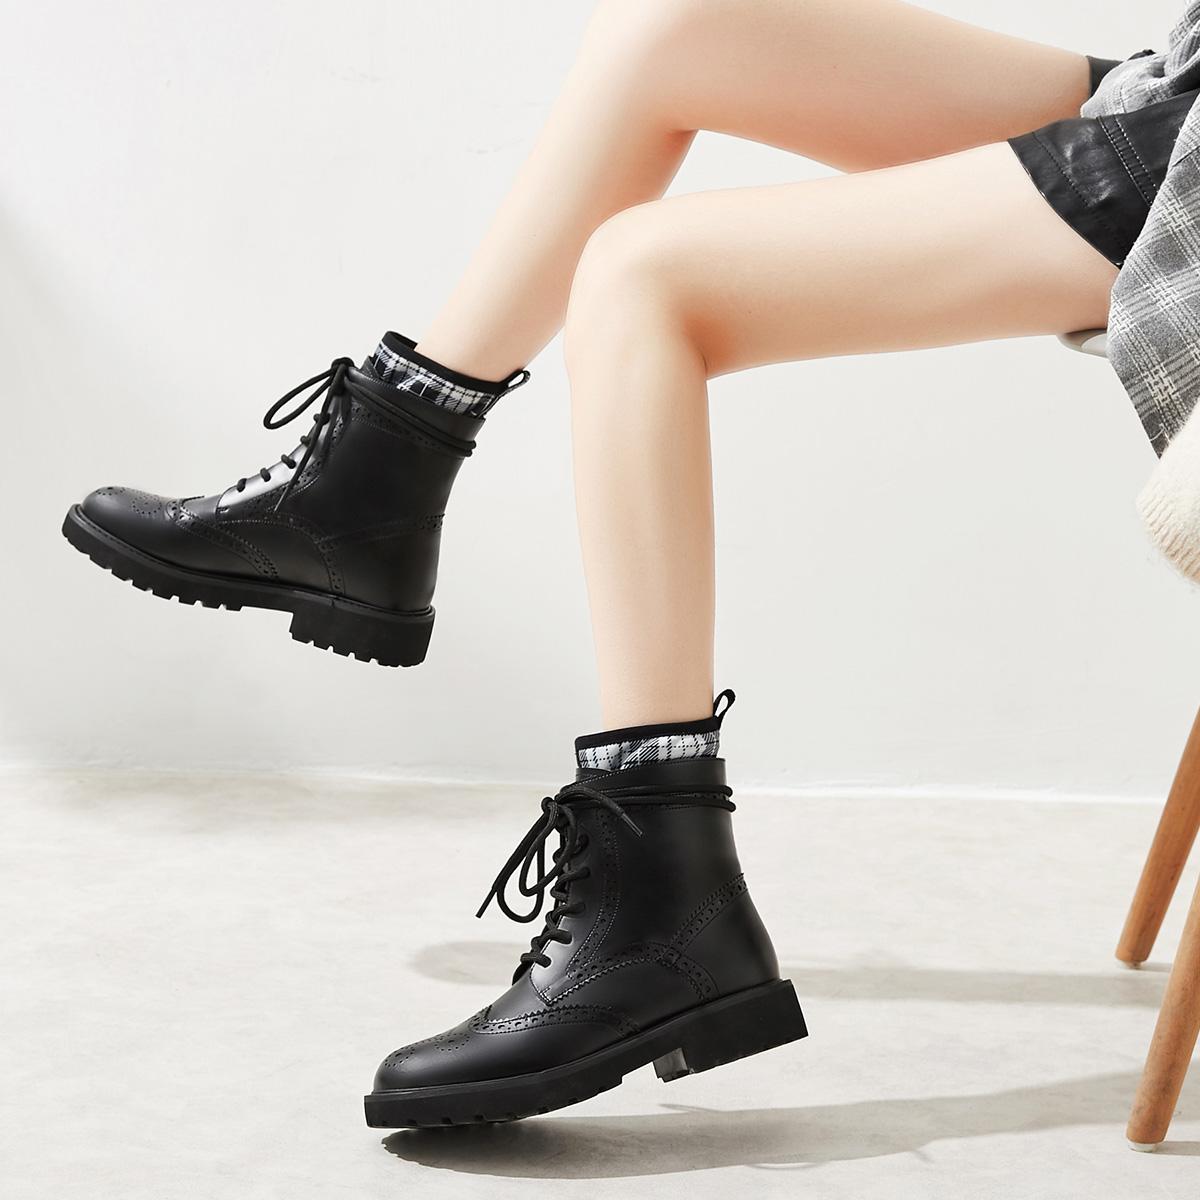 新款女鞋马丁靴女英伦风新款百搭秋冬加绒系带显脚小的真皮小短靴